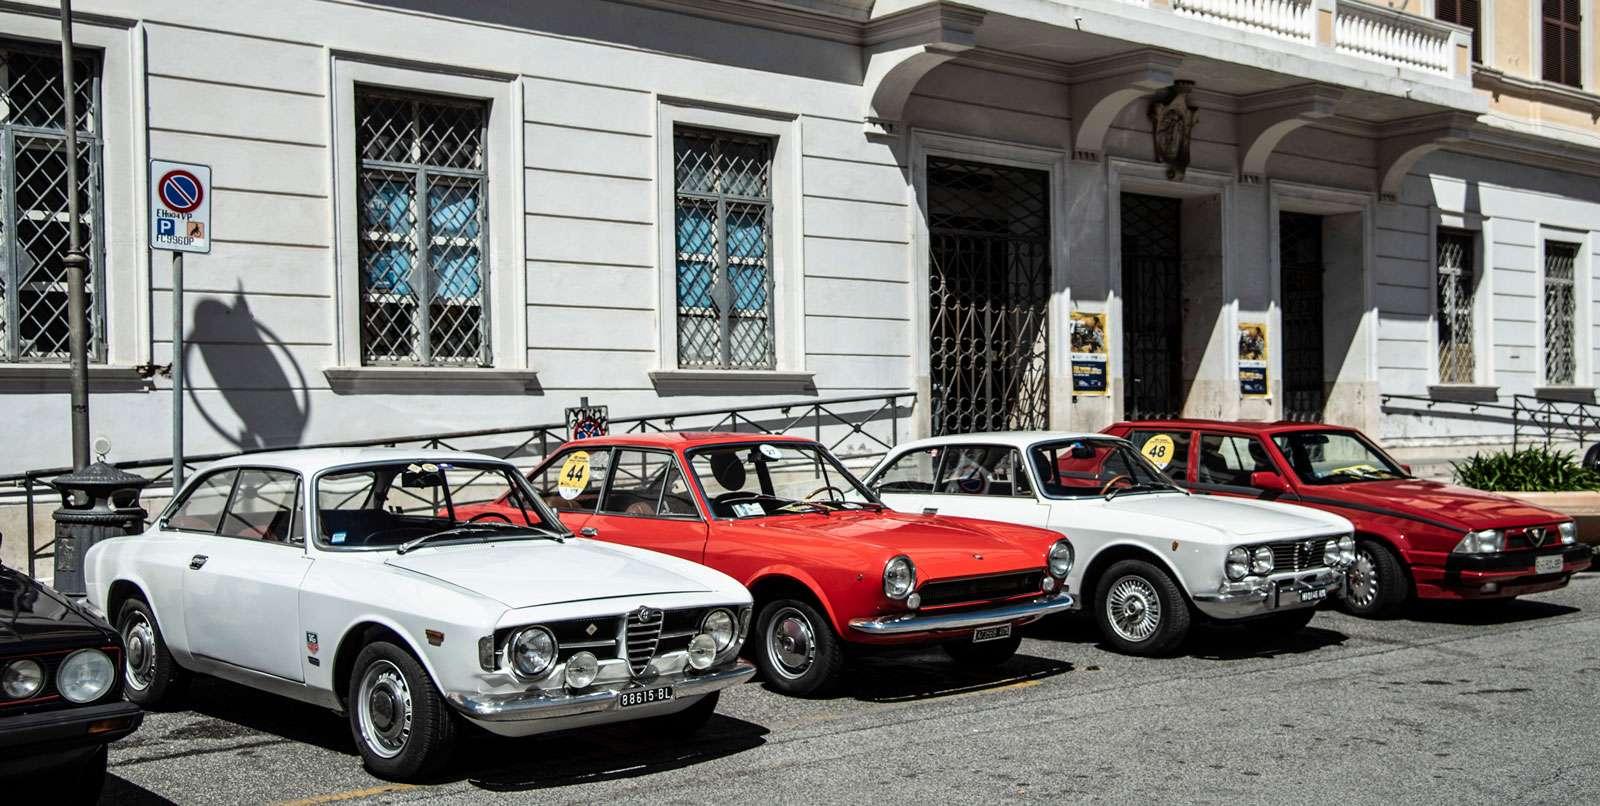 XIX Trofeo Roma e i Suoi Castelli 2019 - Anzio e Nettuno